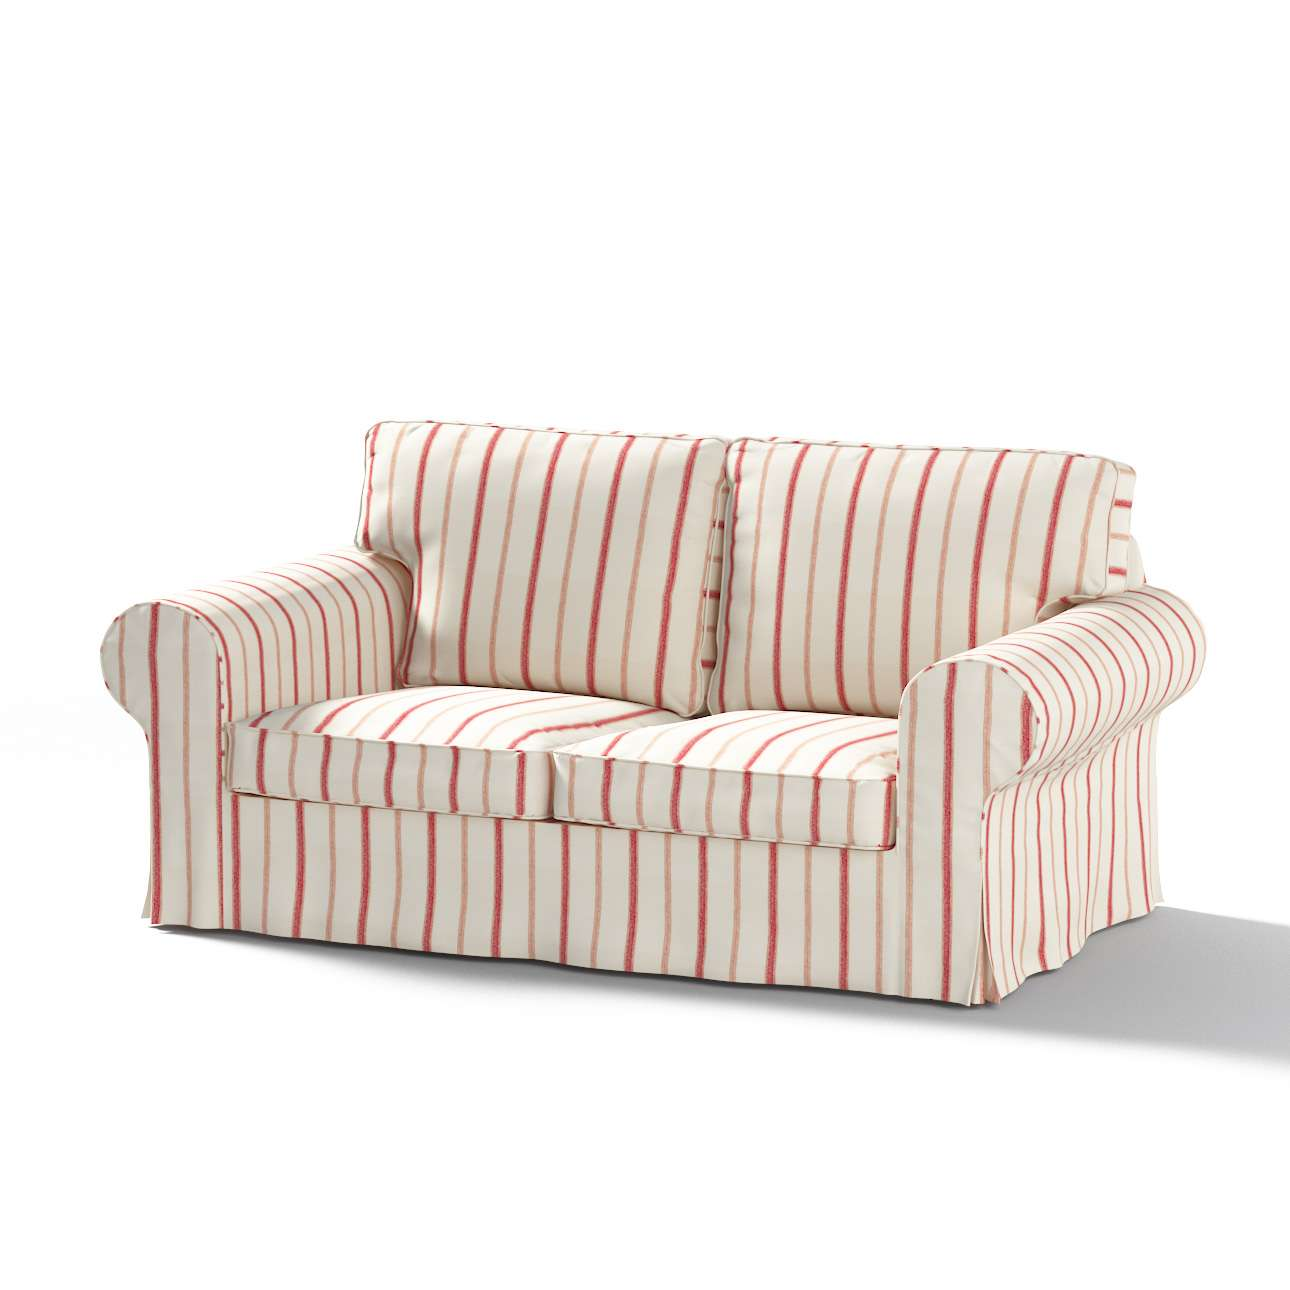 Ektorp 2-Sitzer Schlafsofabezug  NEUES Modell  Sofabezug für  Ektorp 2-Sitzer ausklappbar, neues Modell von der Kollektion Avinon, Stoff: 129-15